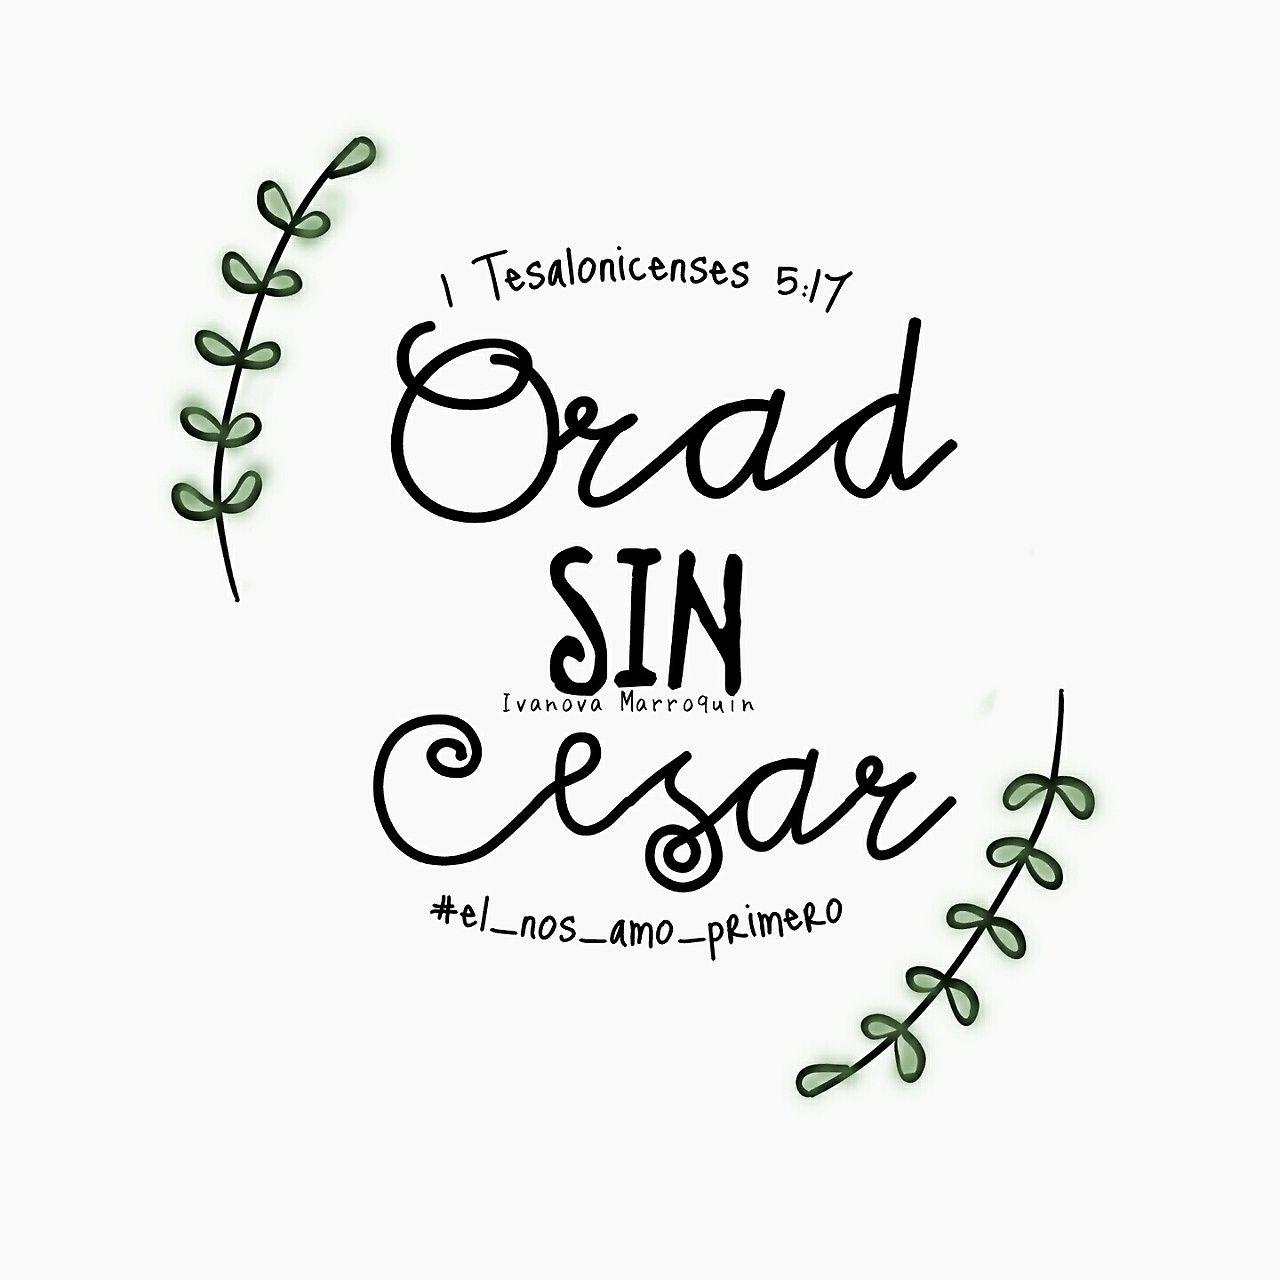 Versiculos De La Biblia De Animo: Twitter: @nos_amo Tumblr: @el-nos-amo-primero Pinterest